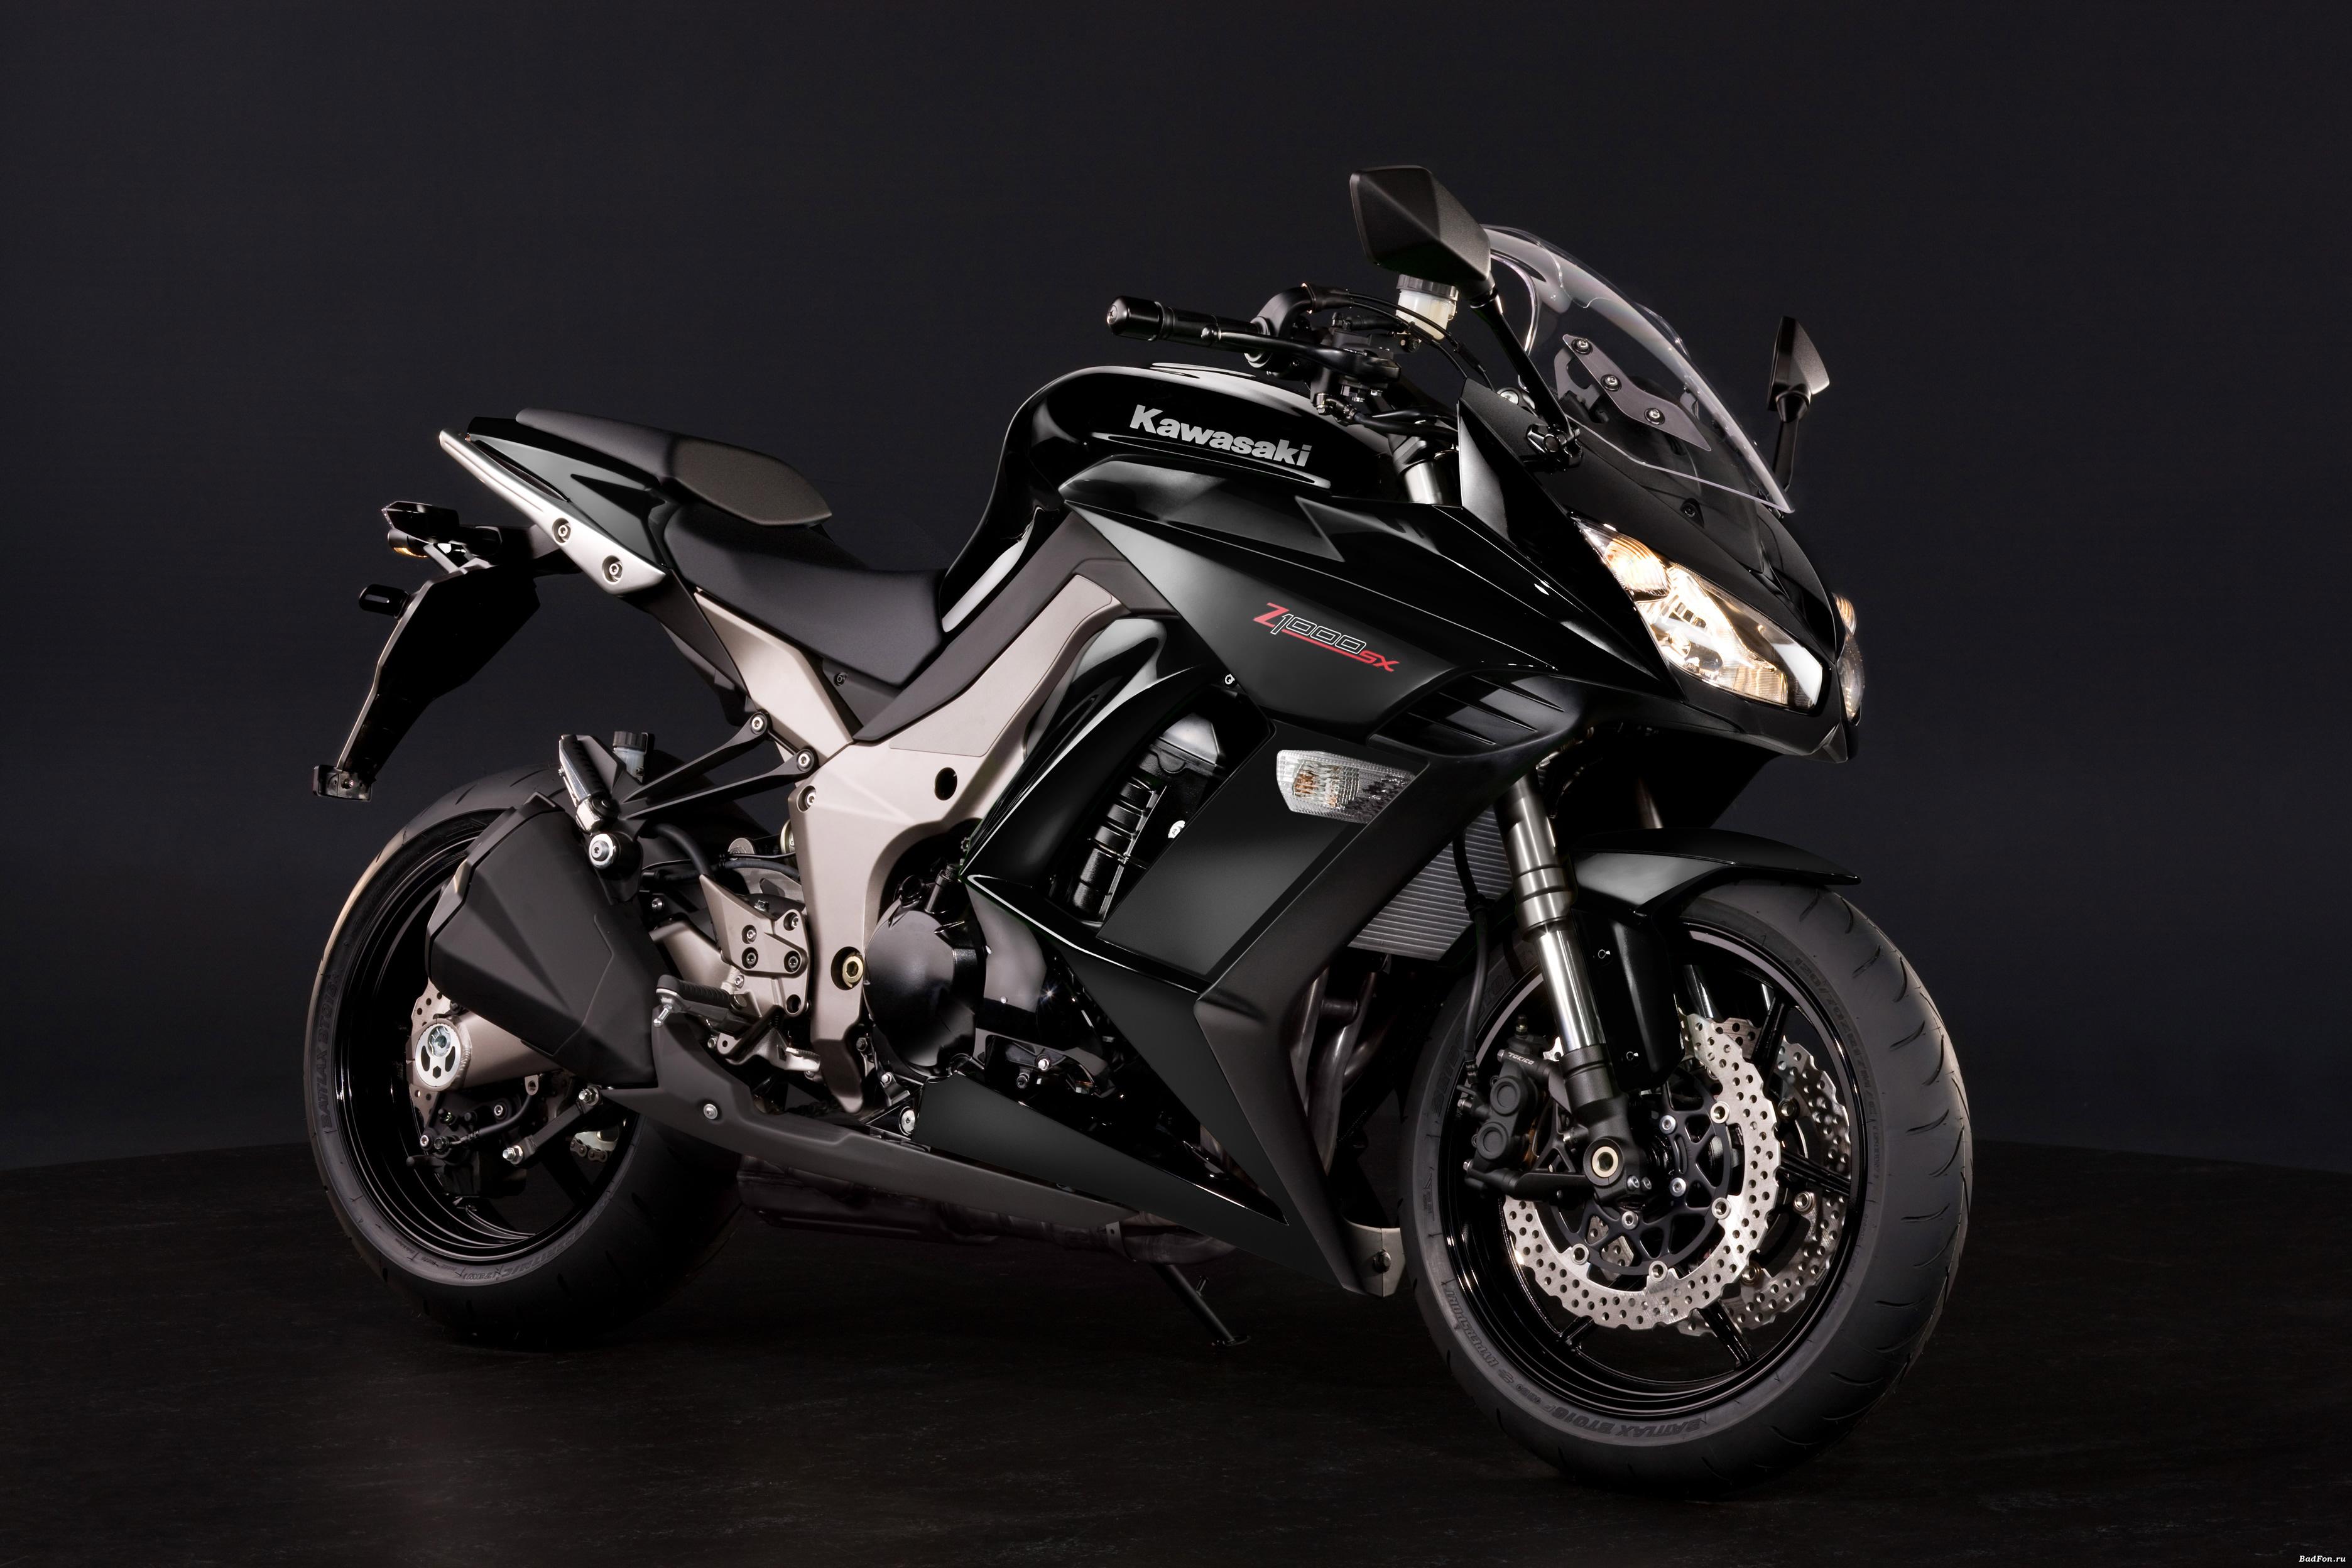 Черный мотоцикл, обои для рабочего стола, мотобайк